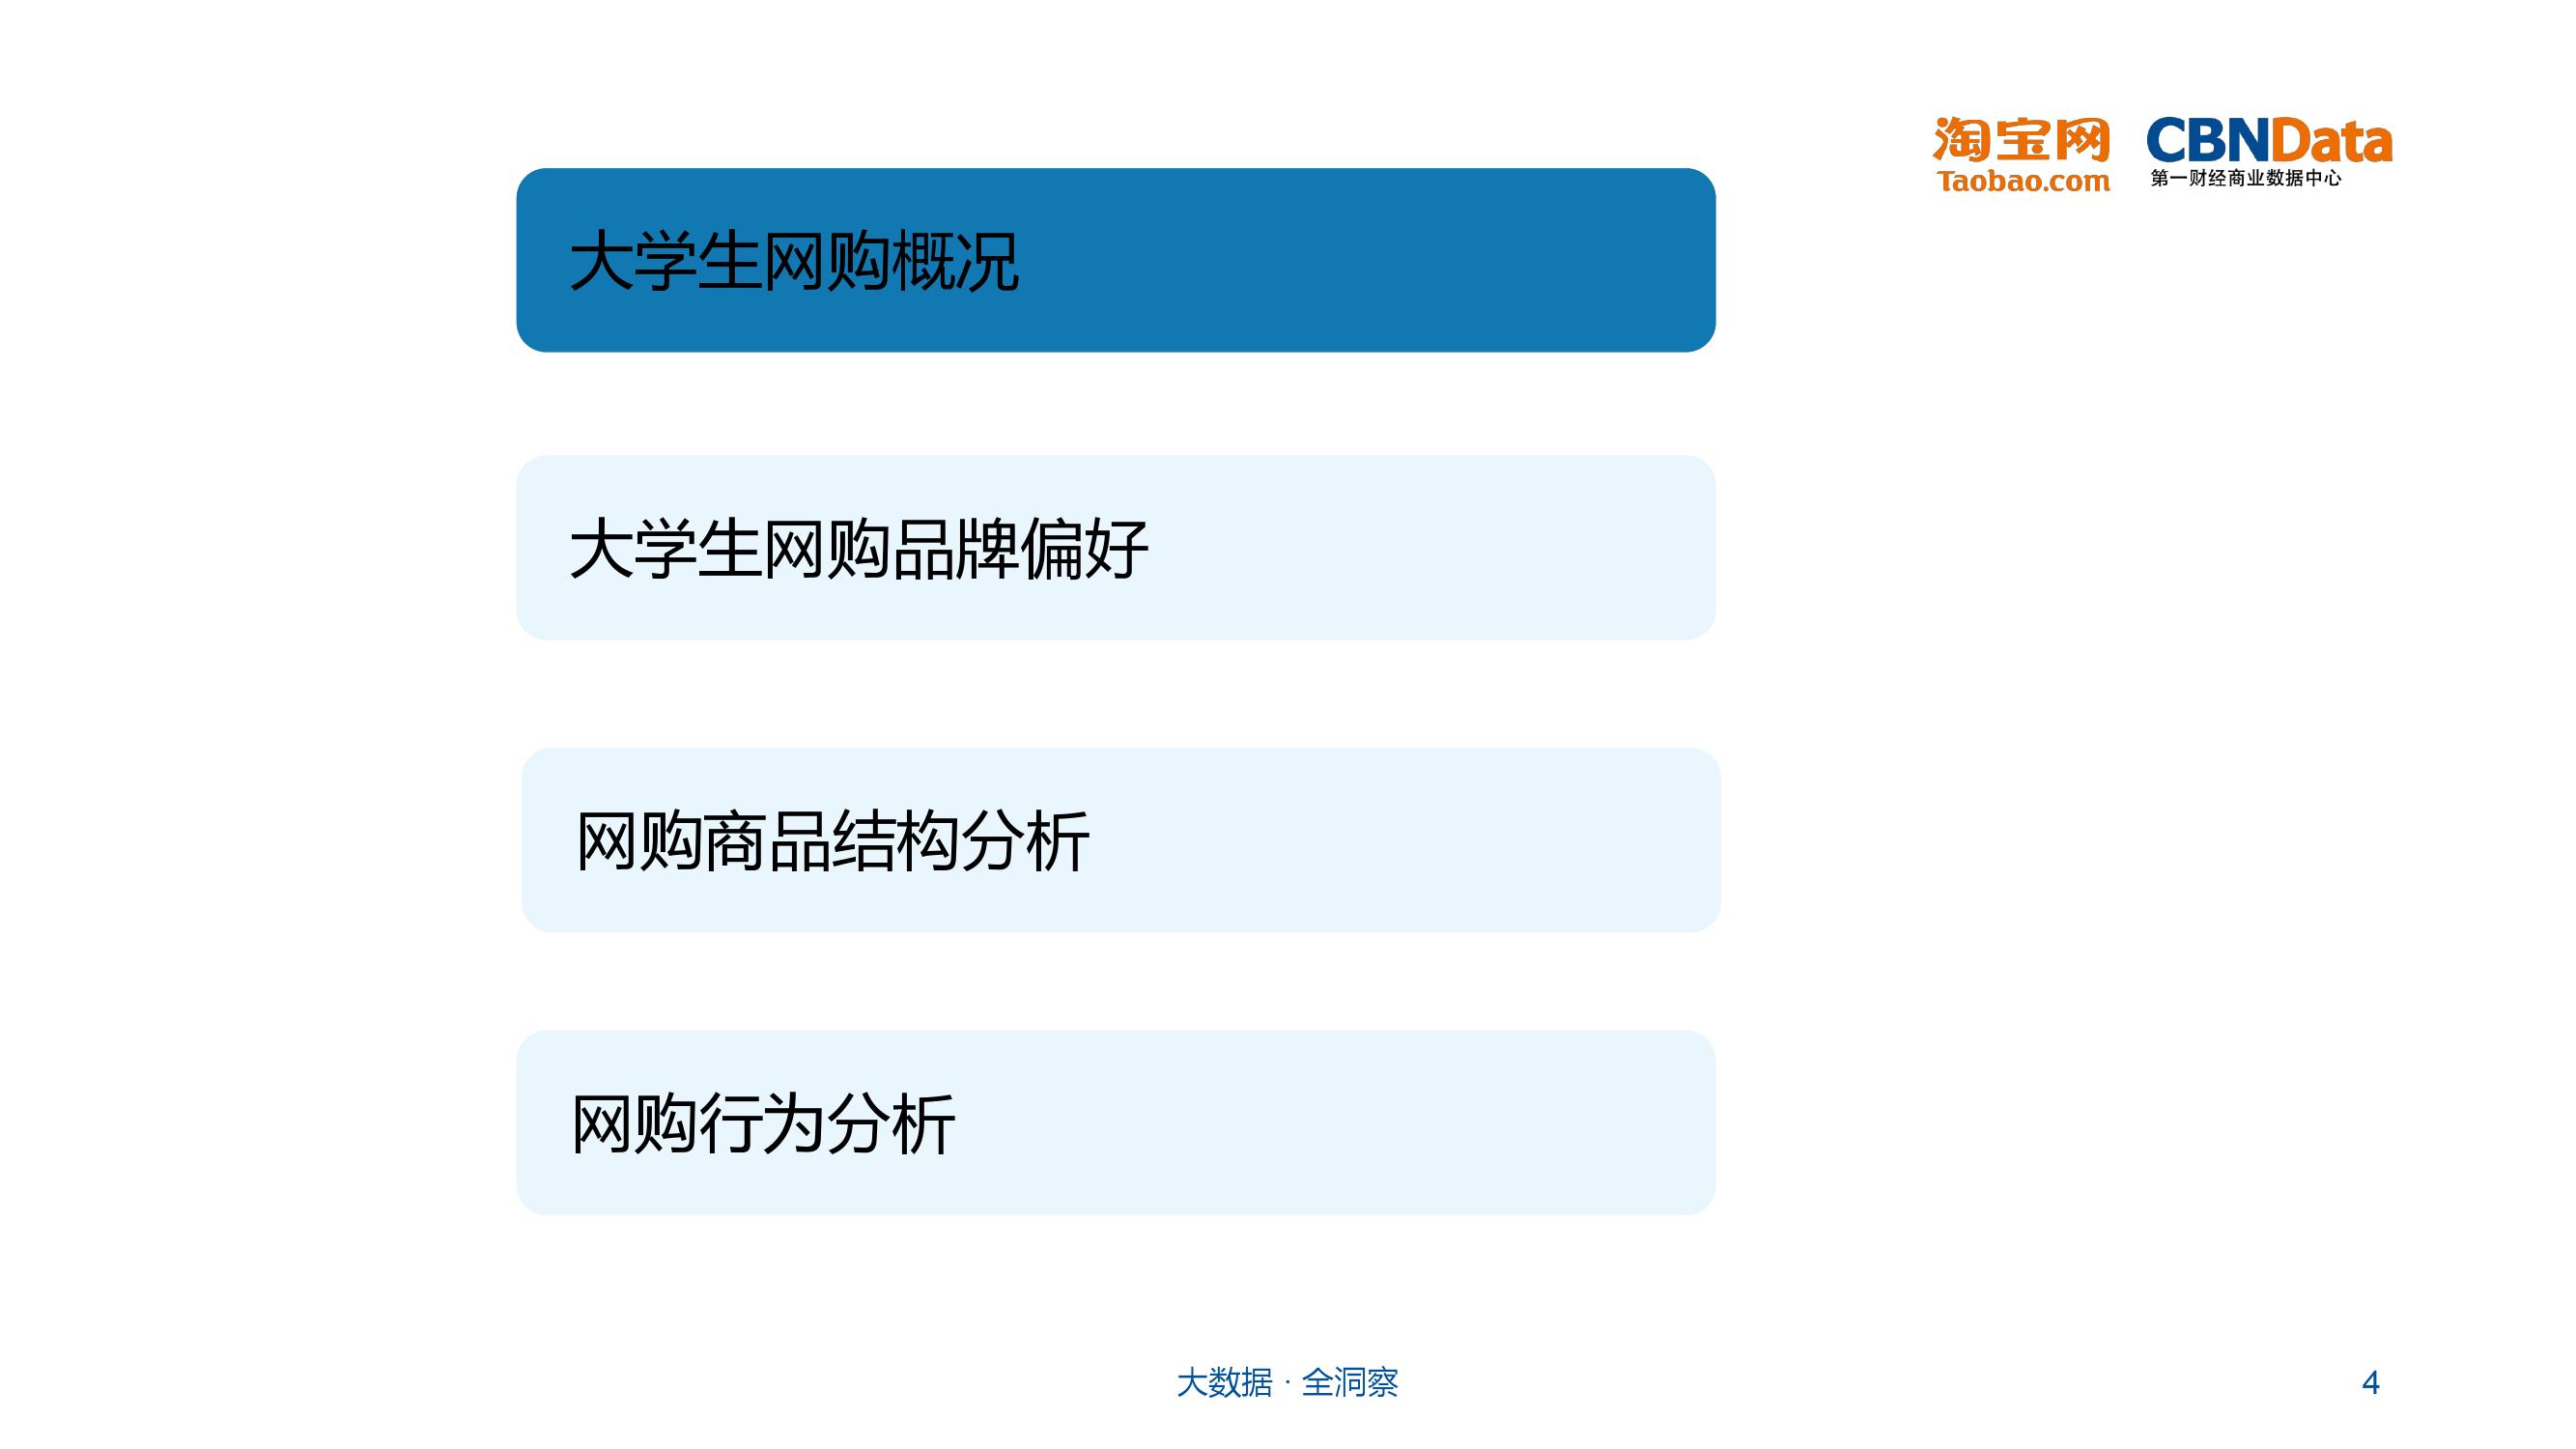 大学生群体网购行为分析_000004